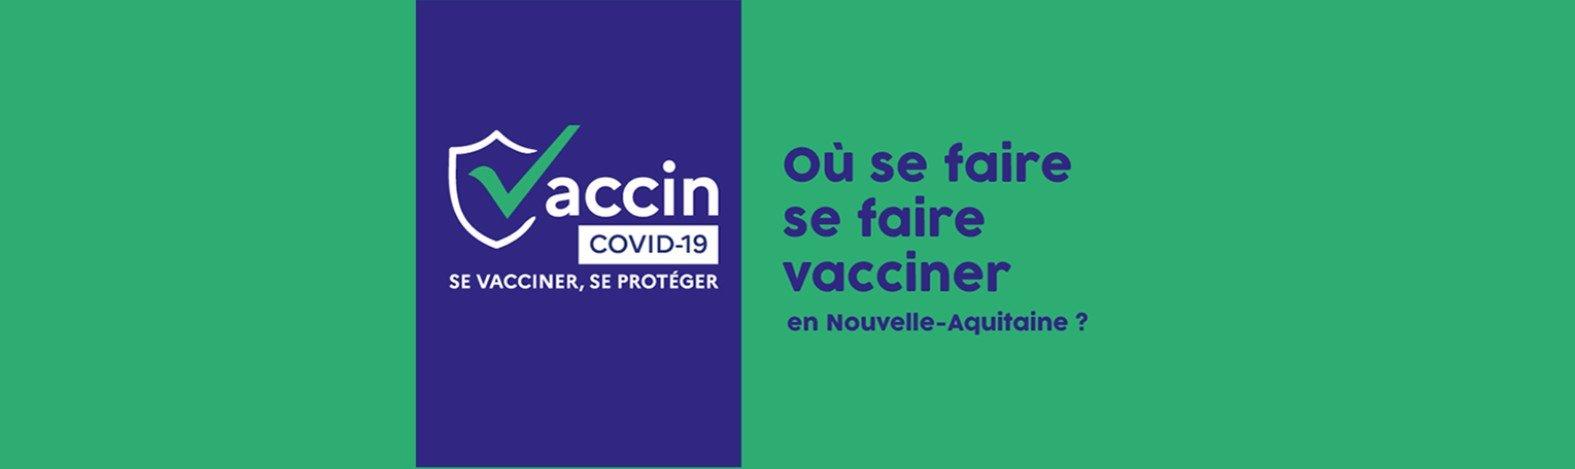 Ou se faire vacciner